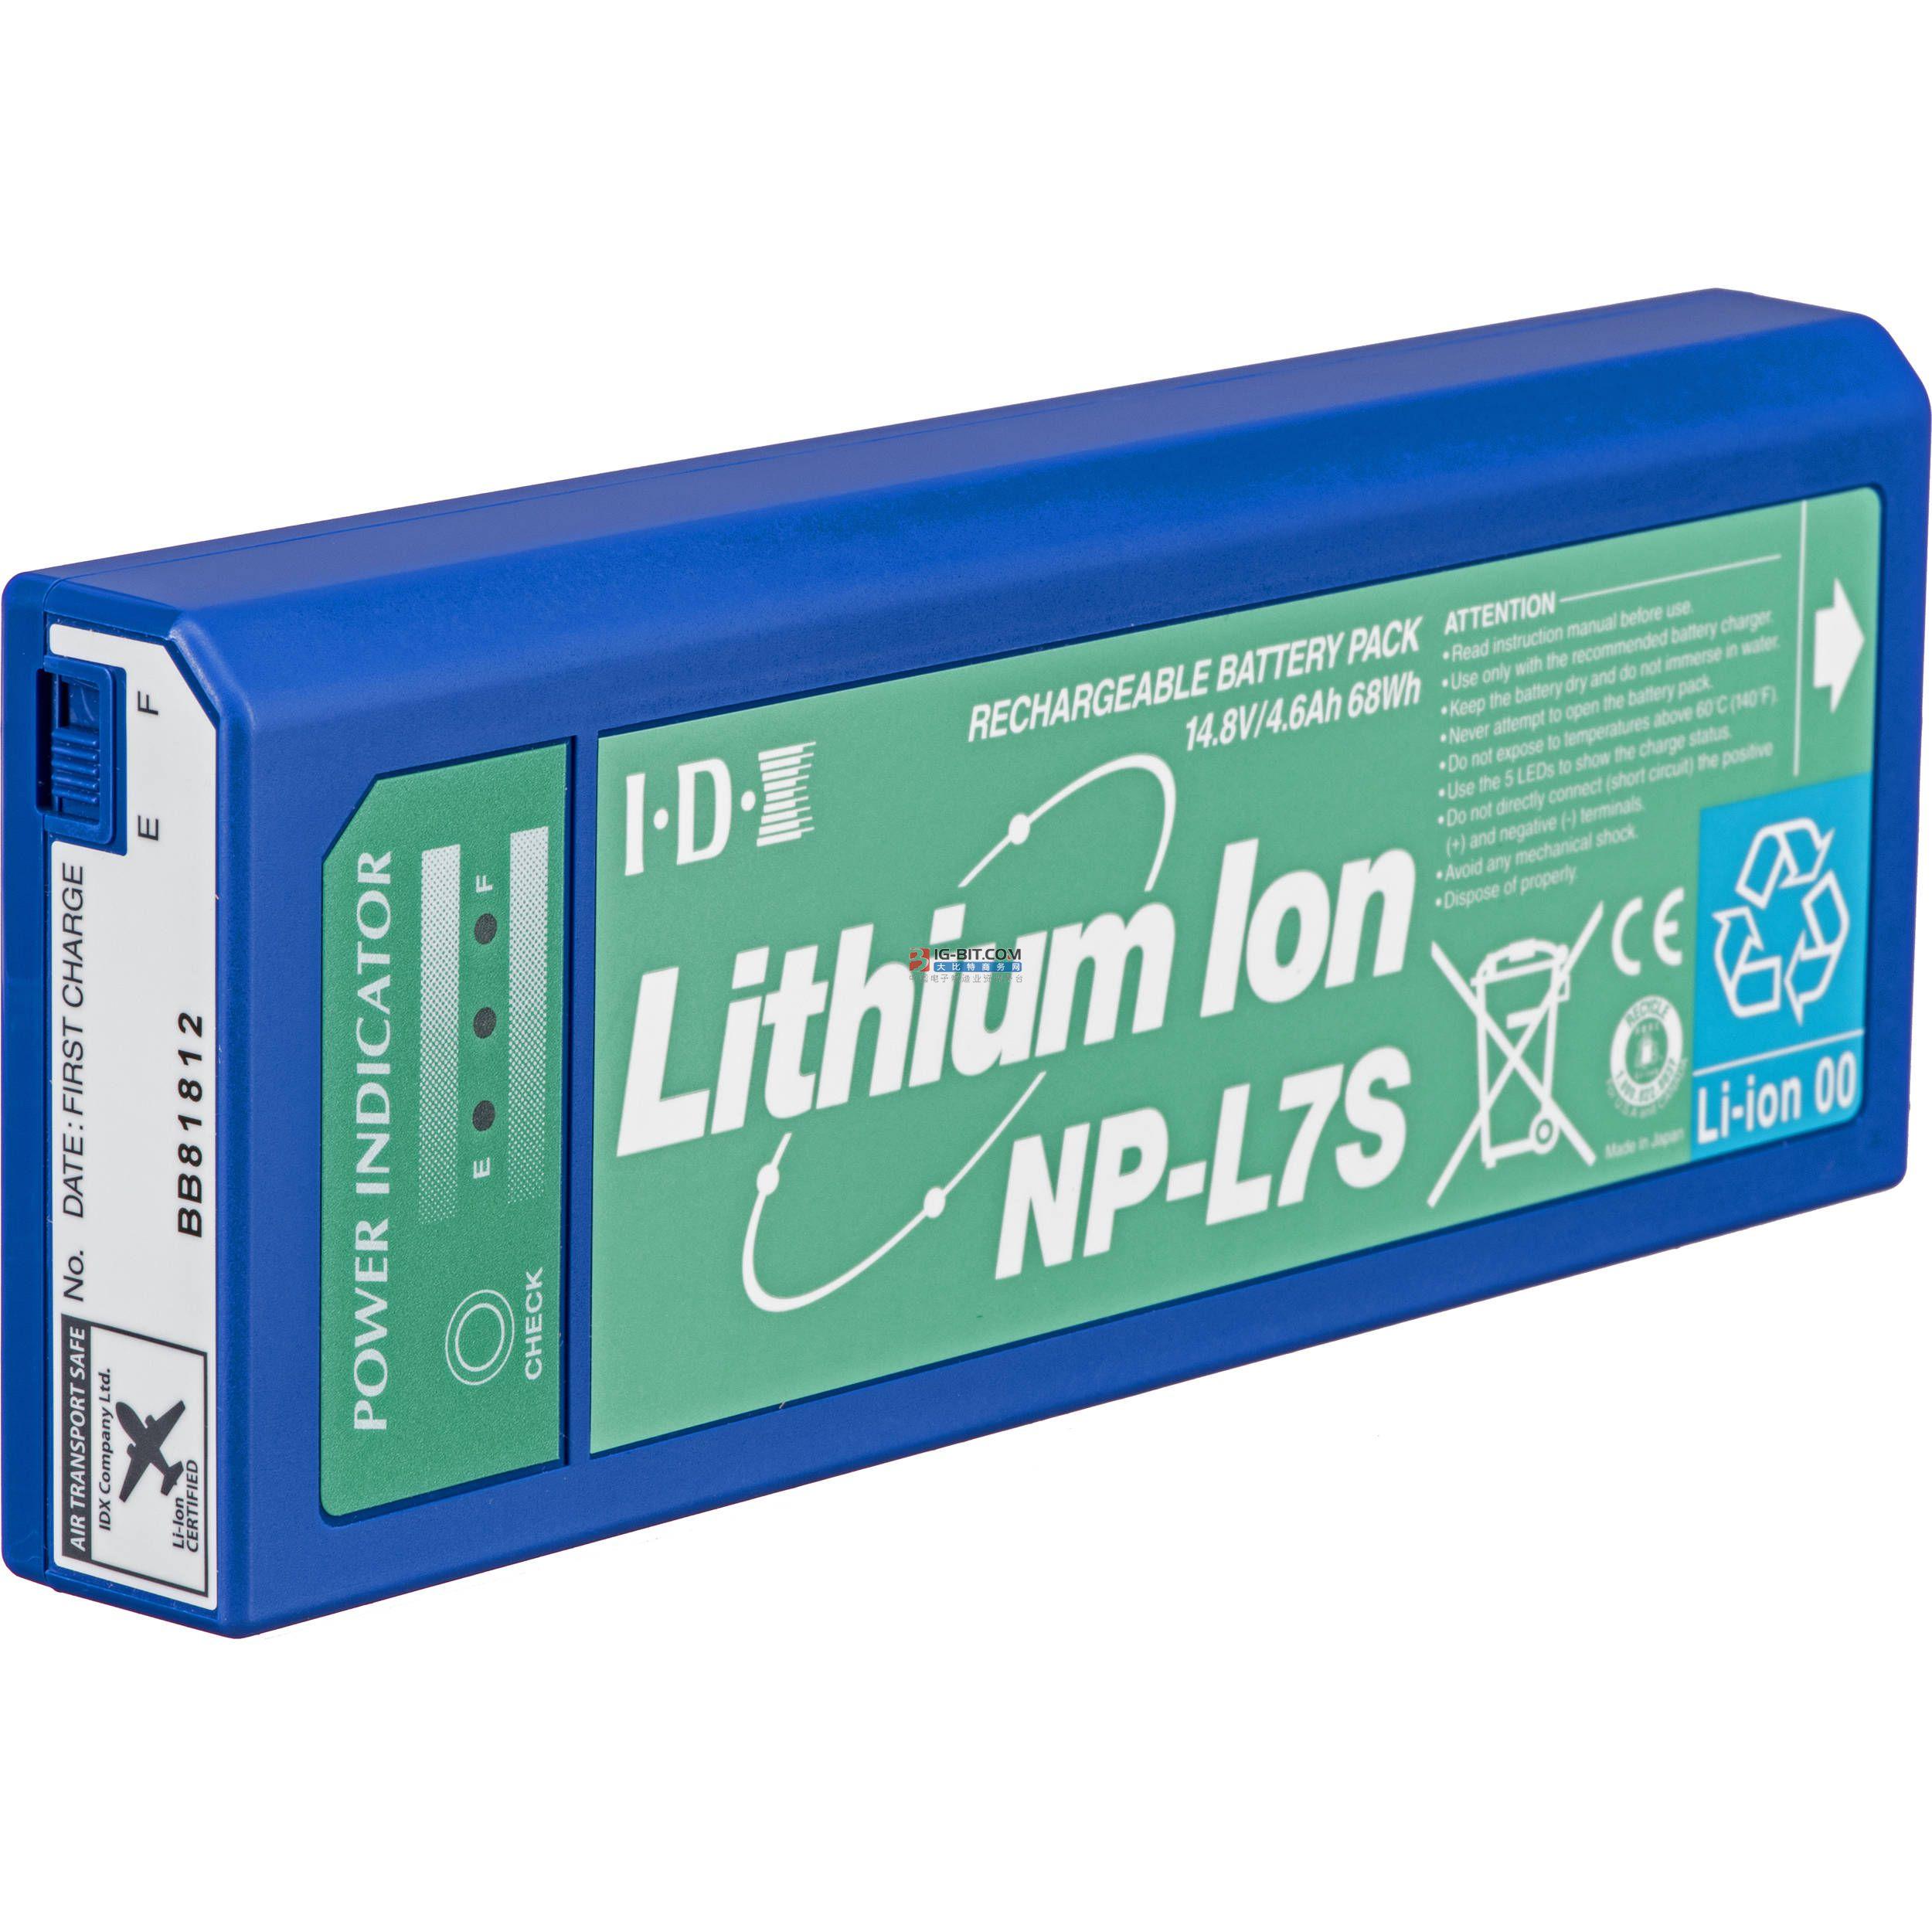 德guo研jiu阴极材料tui化机理 you望将lili子电池容量增jia30%